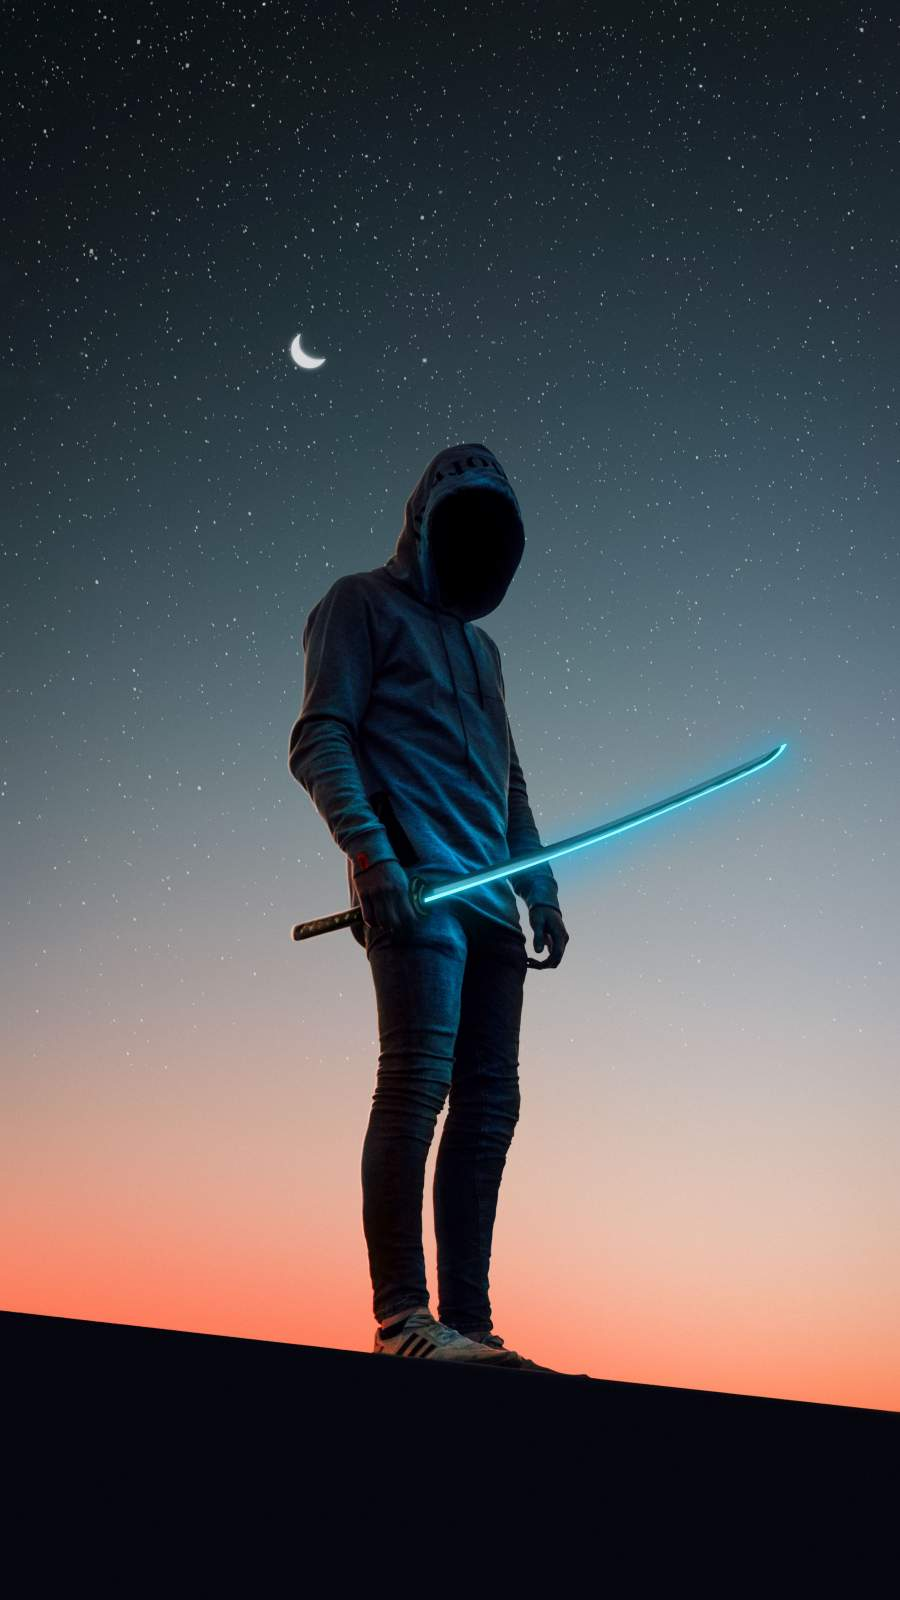 Hoodie Guy with Neon Sword iPhone Wallpaper